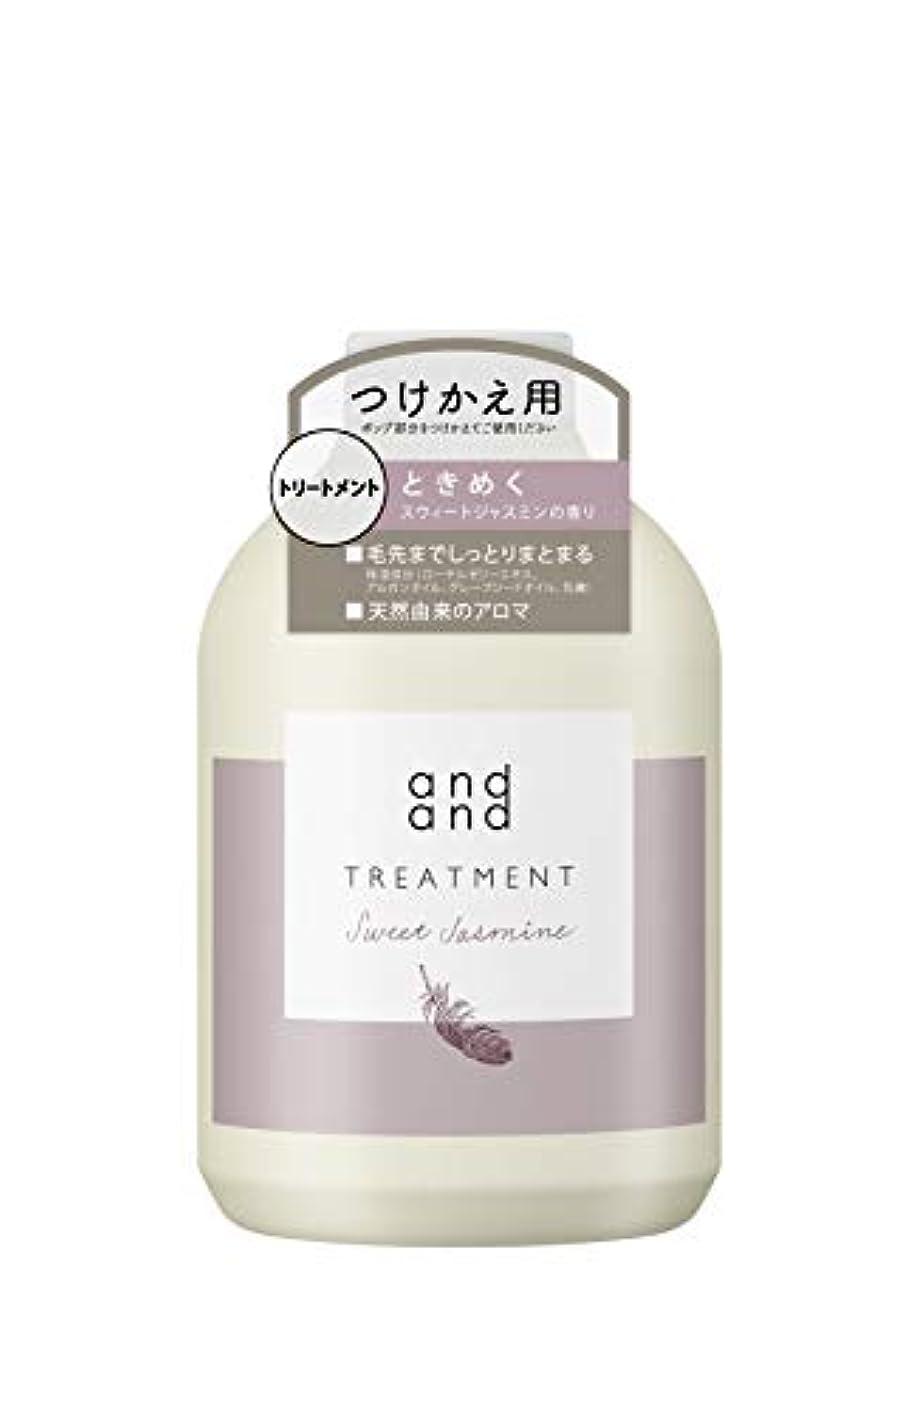 感謝している弾薬汚染されたandand(アンドアンド) ときめく[ノンシリコーン処方] トリートメント スウィートジャスミンの香り つけかえ用 480ml